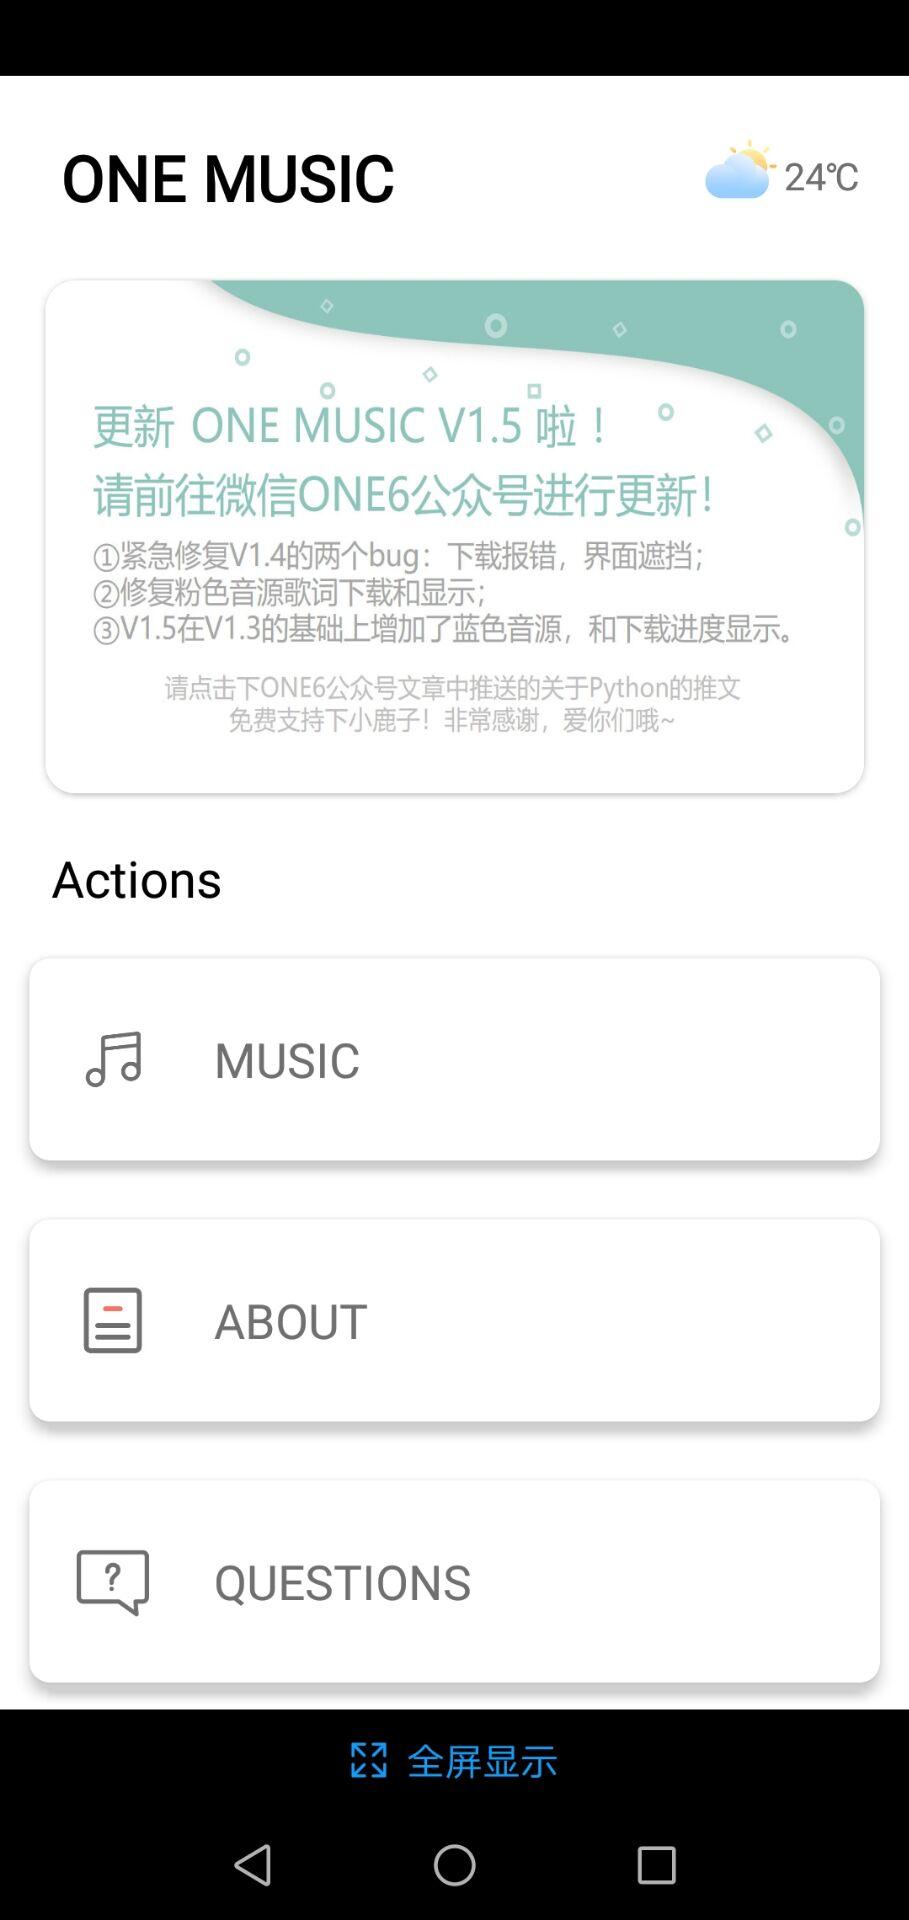 【资源分享】一首音乐-爱小助